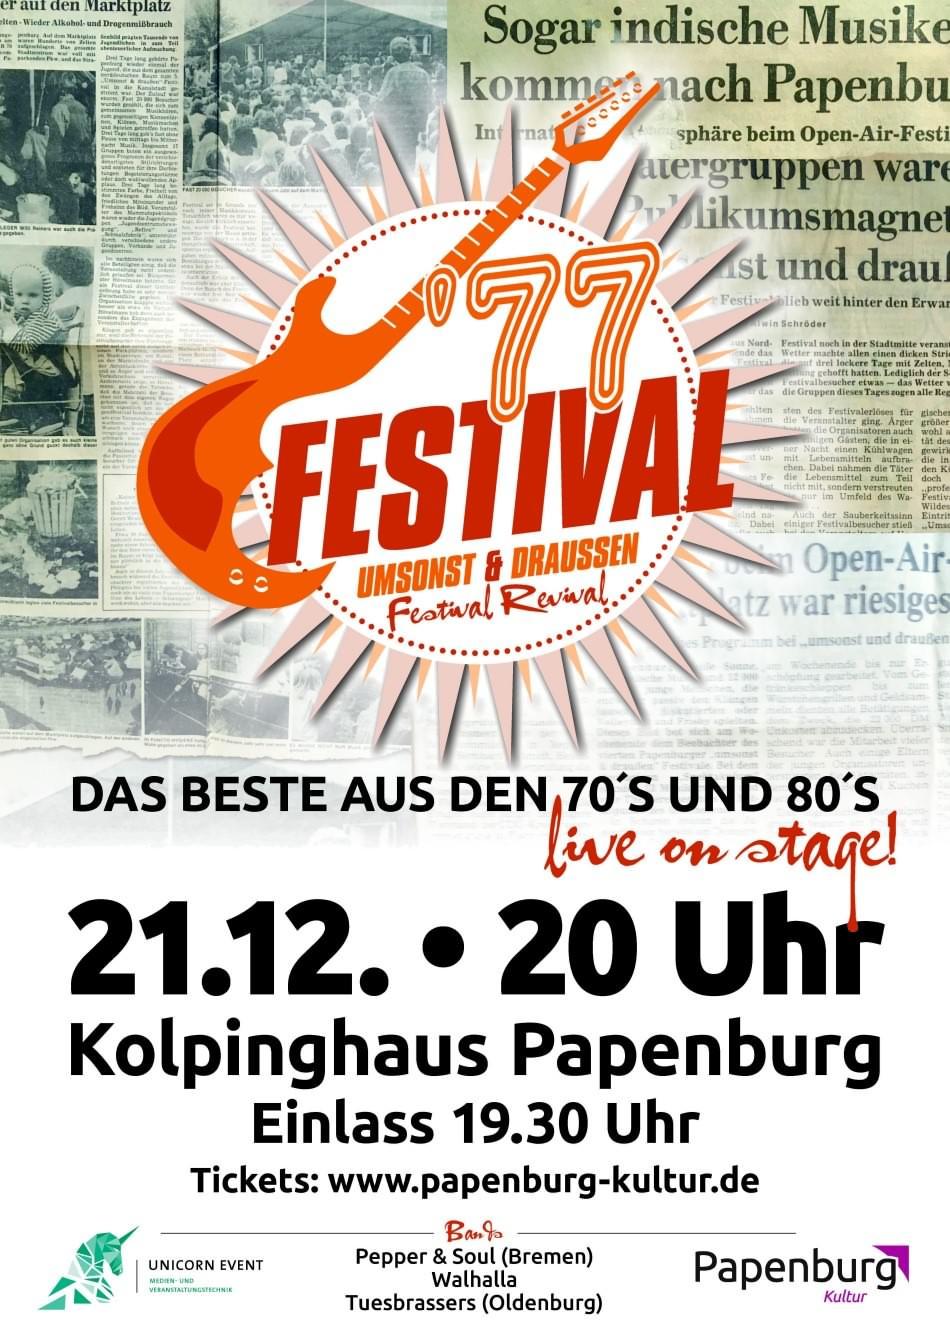 '77 Festival Umsonst & Draussen Papenburg Revival Festival